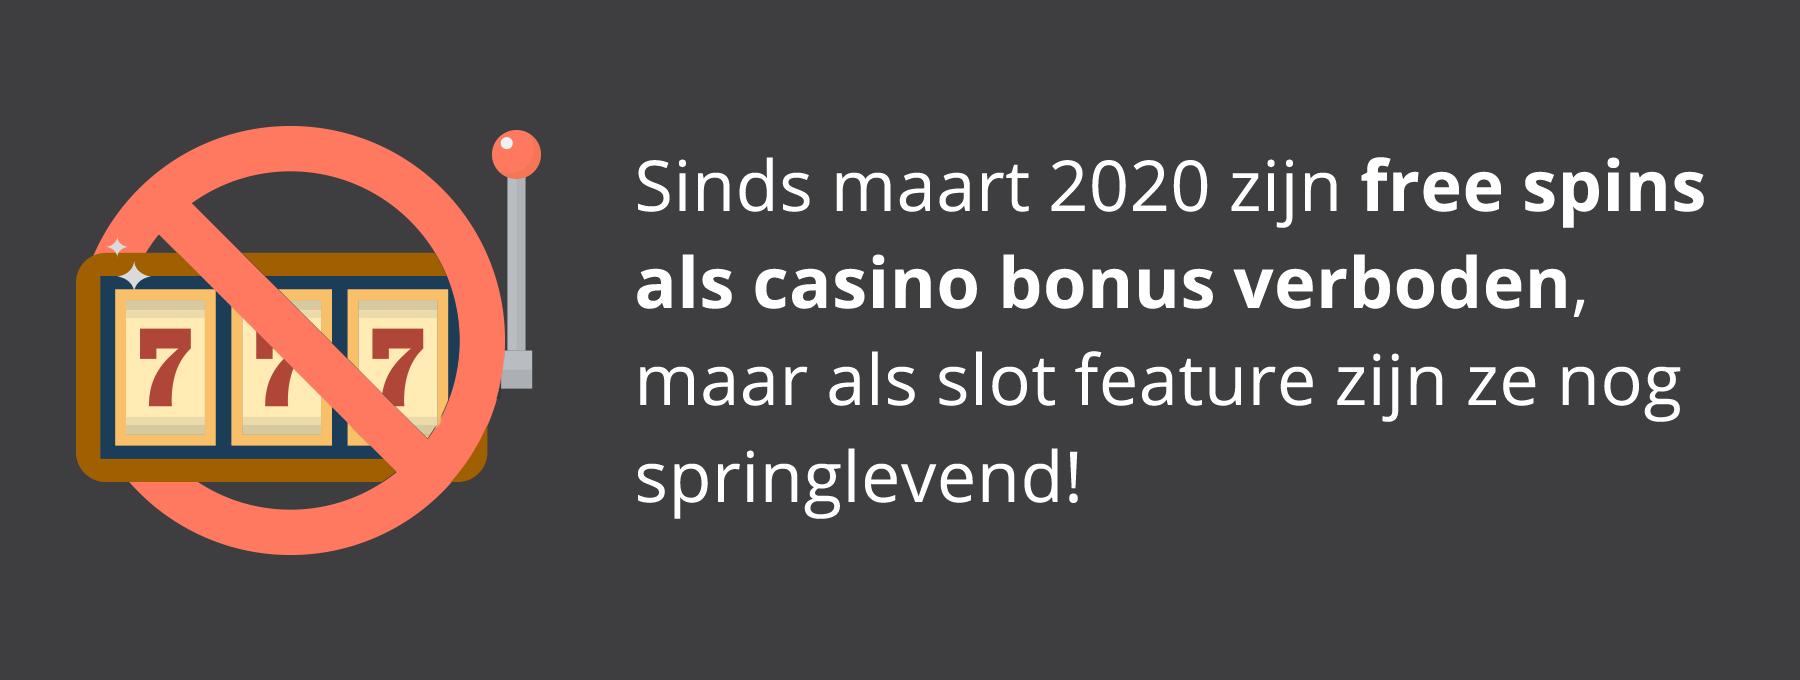 Free spins bonus verboden in België